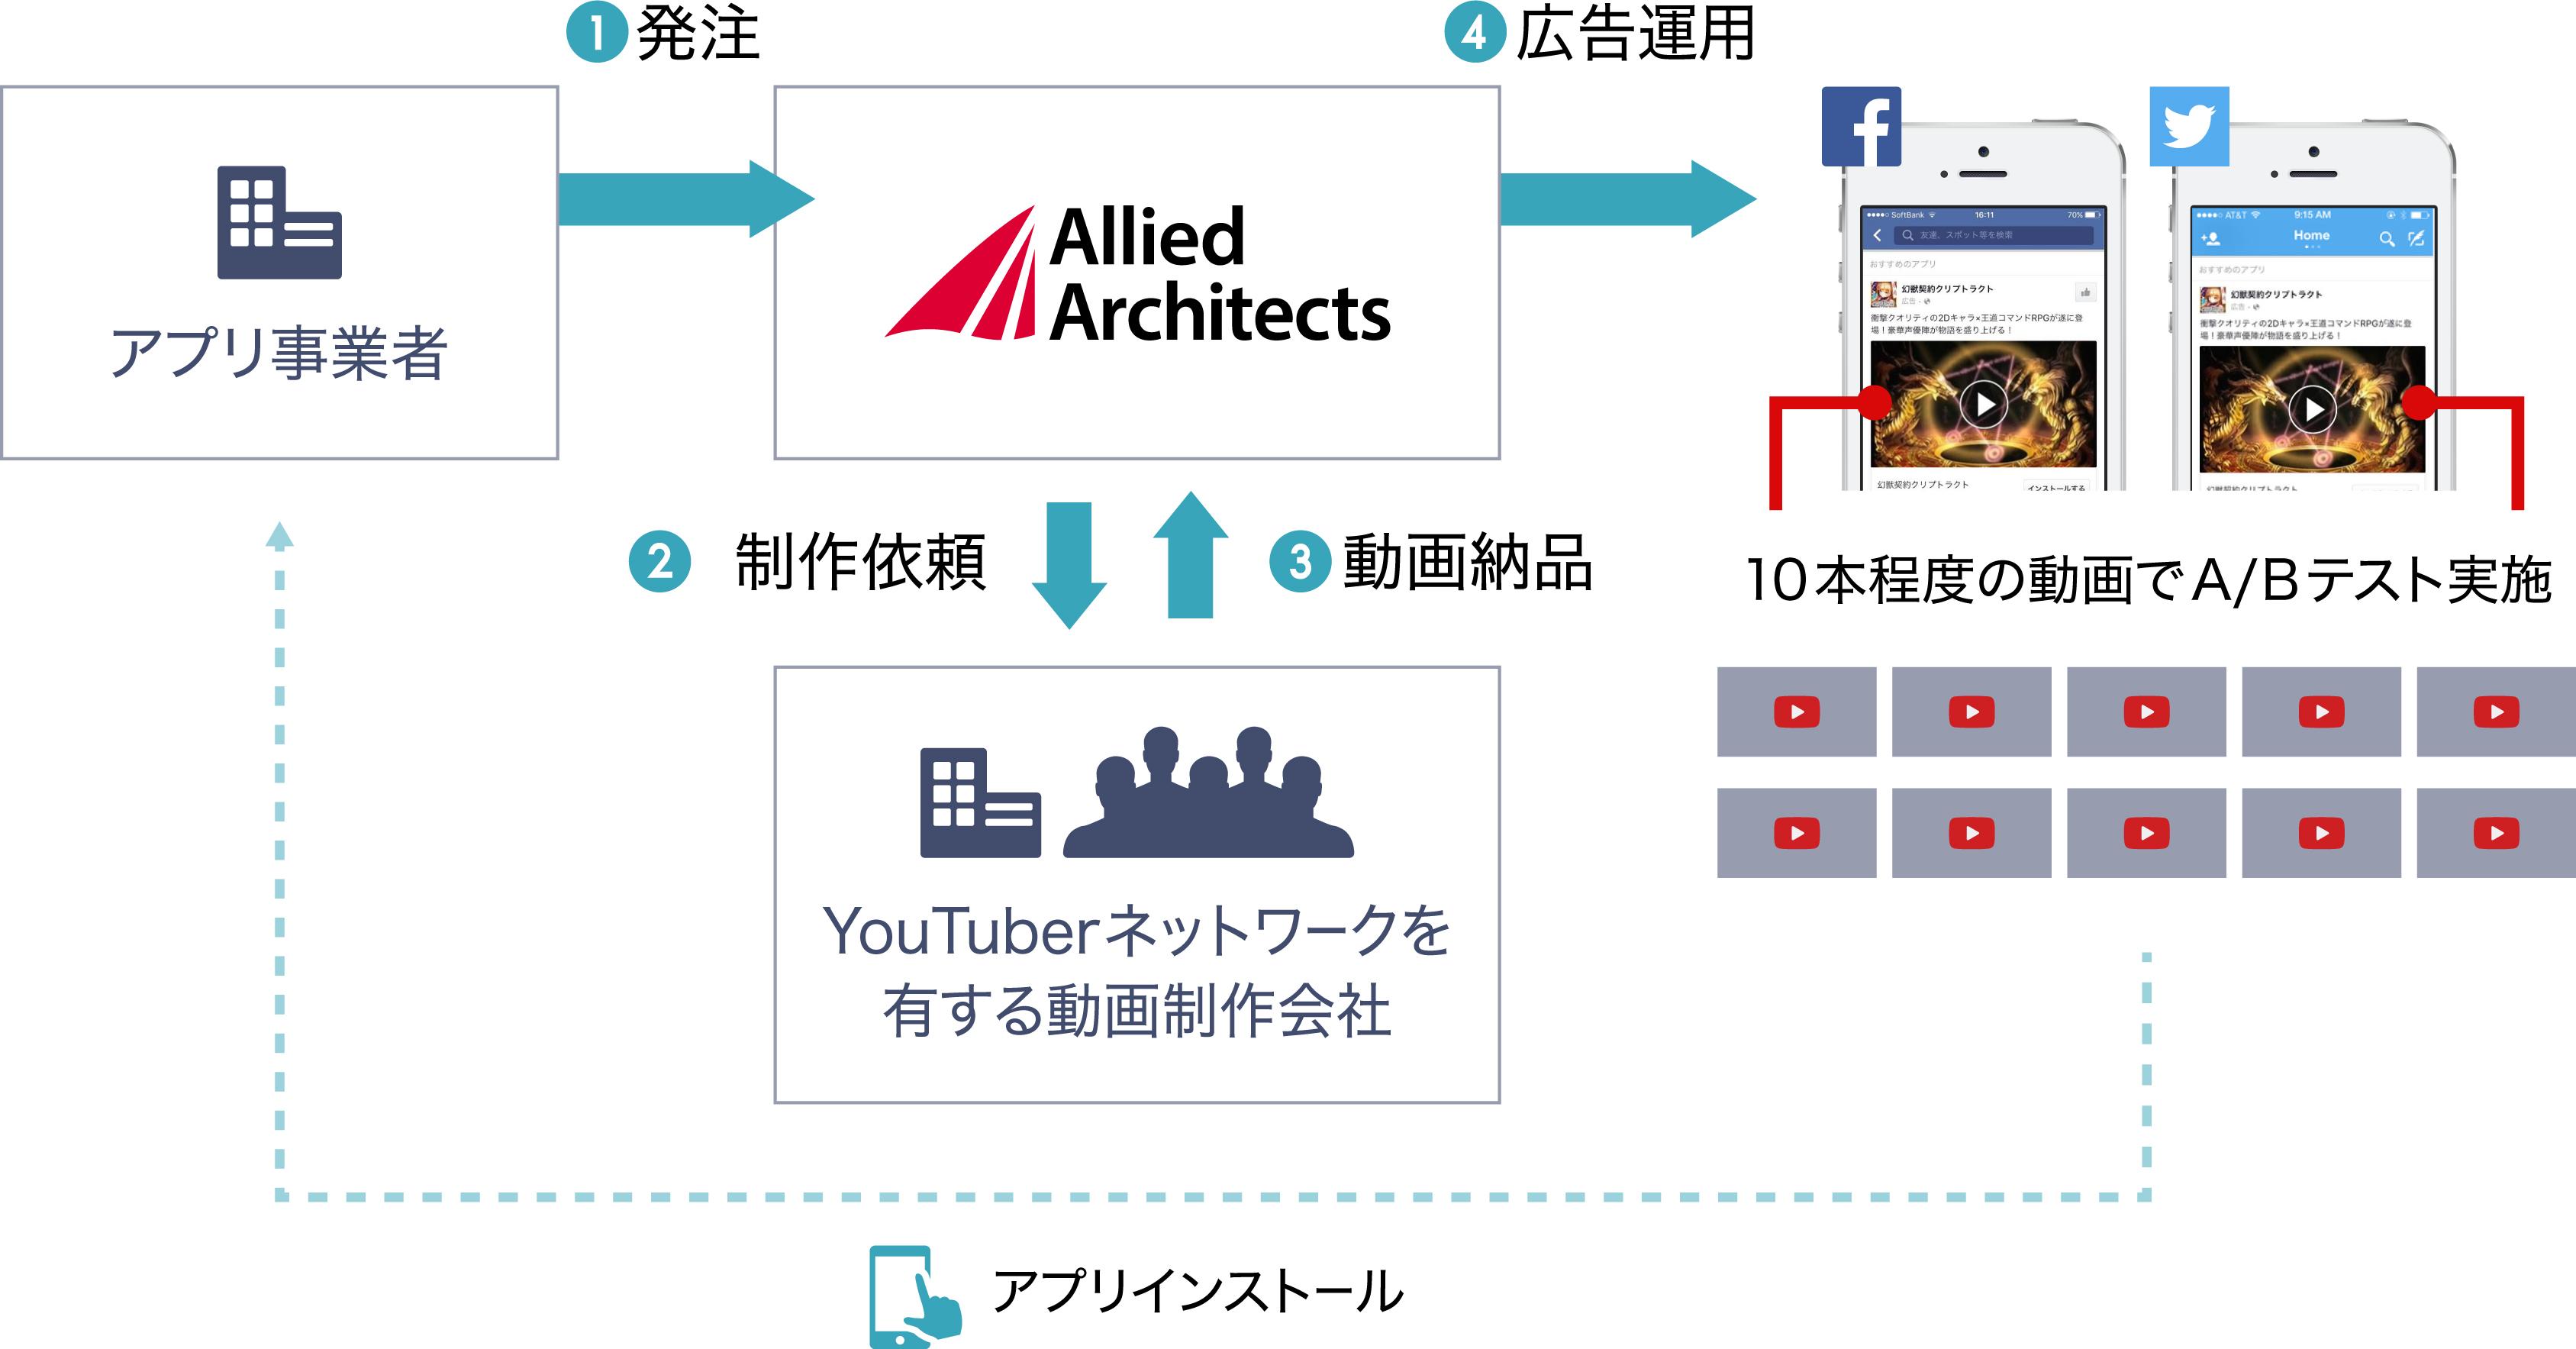 ADU_YouTuber.jpg